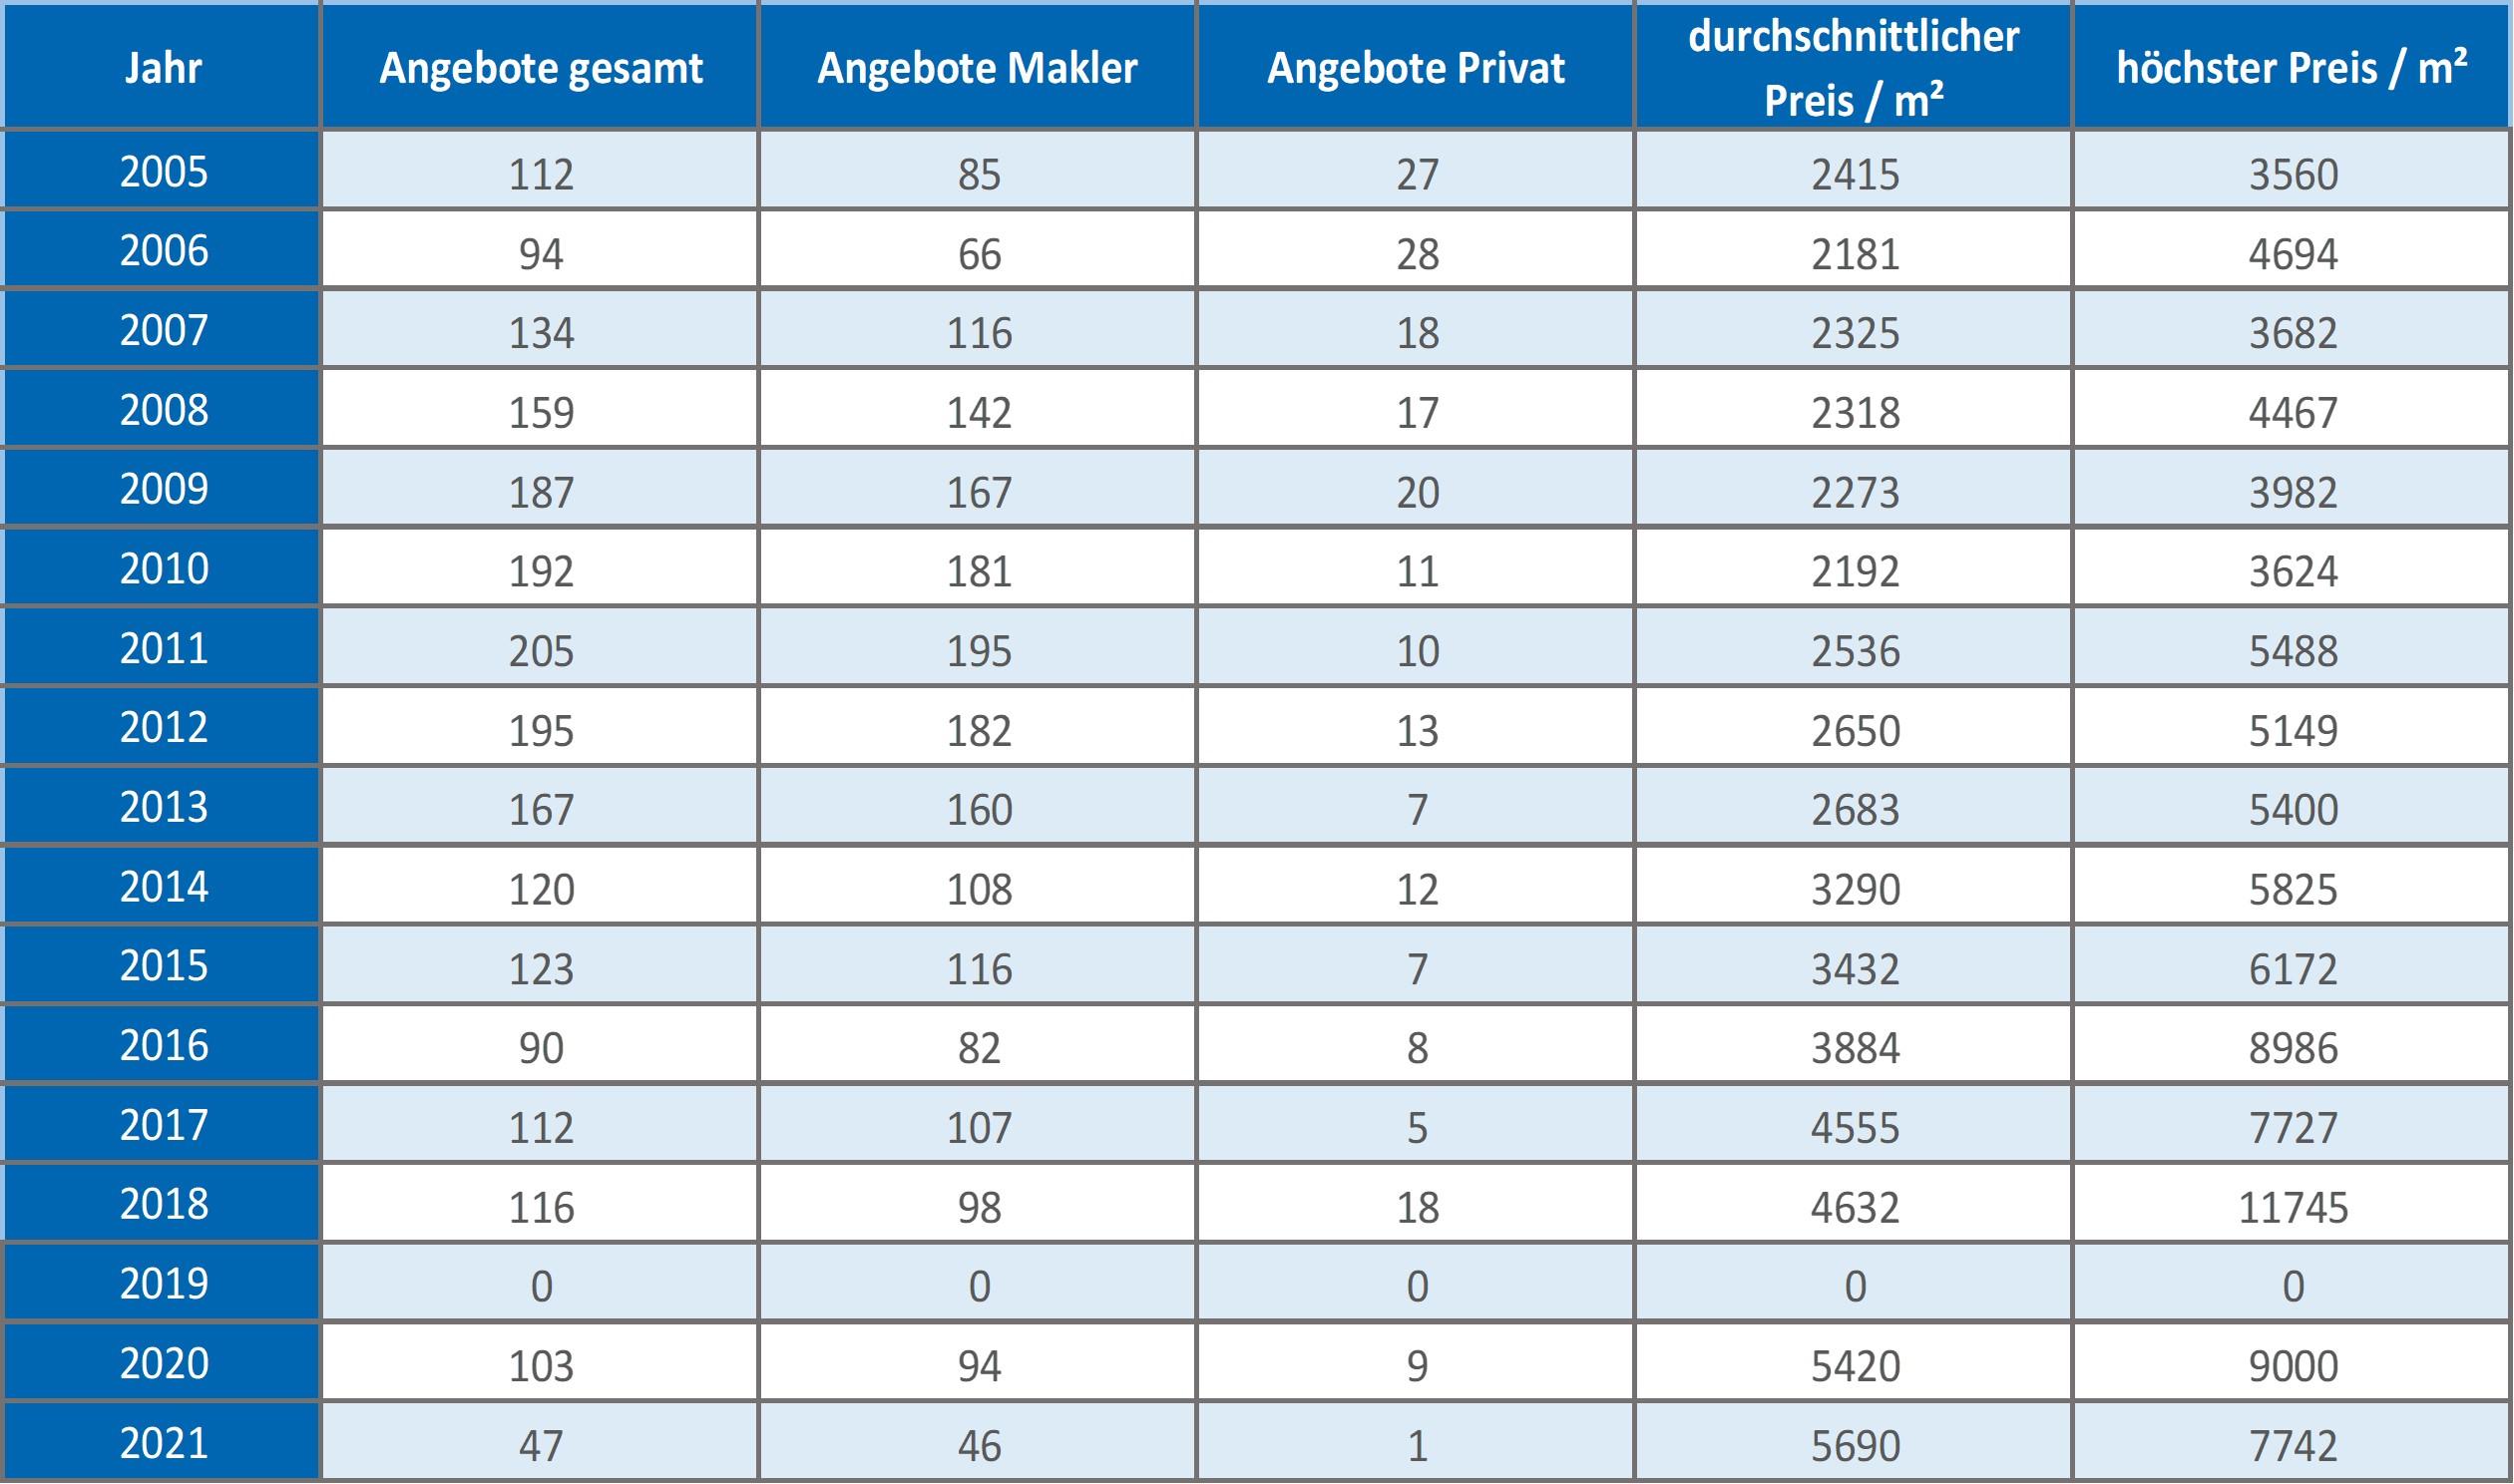 Bruckmühl-Haus-kaufen-verkaufen-Makler 2019 2020 2021